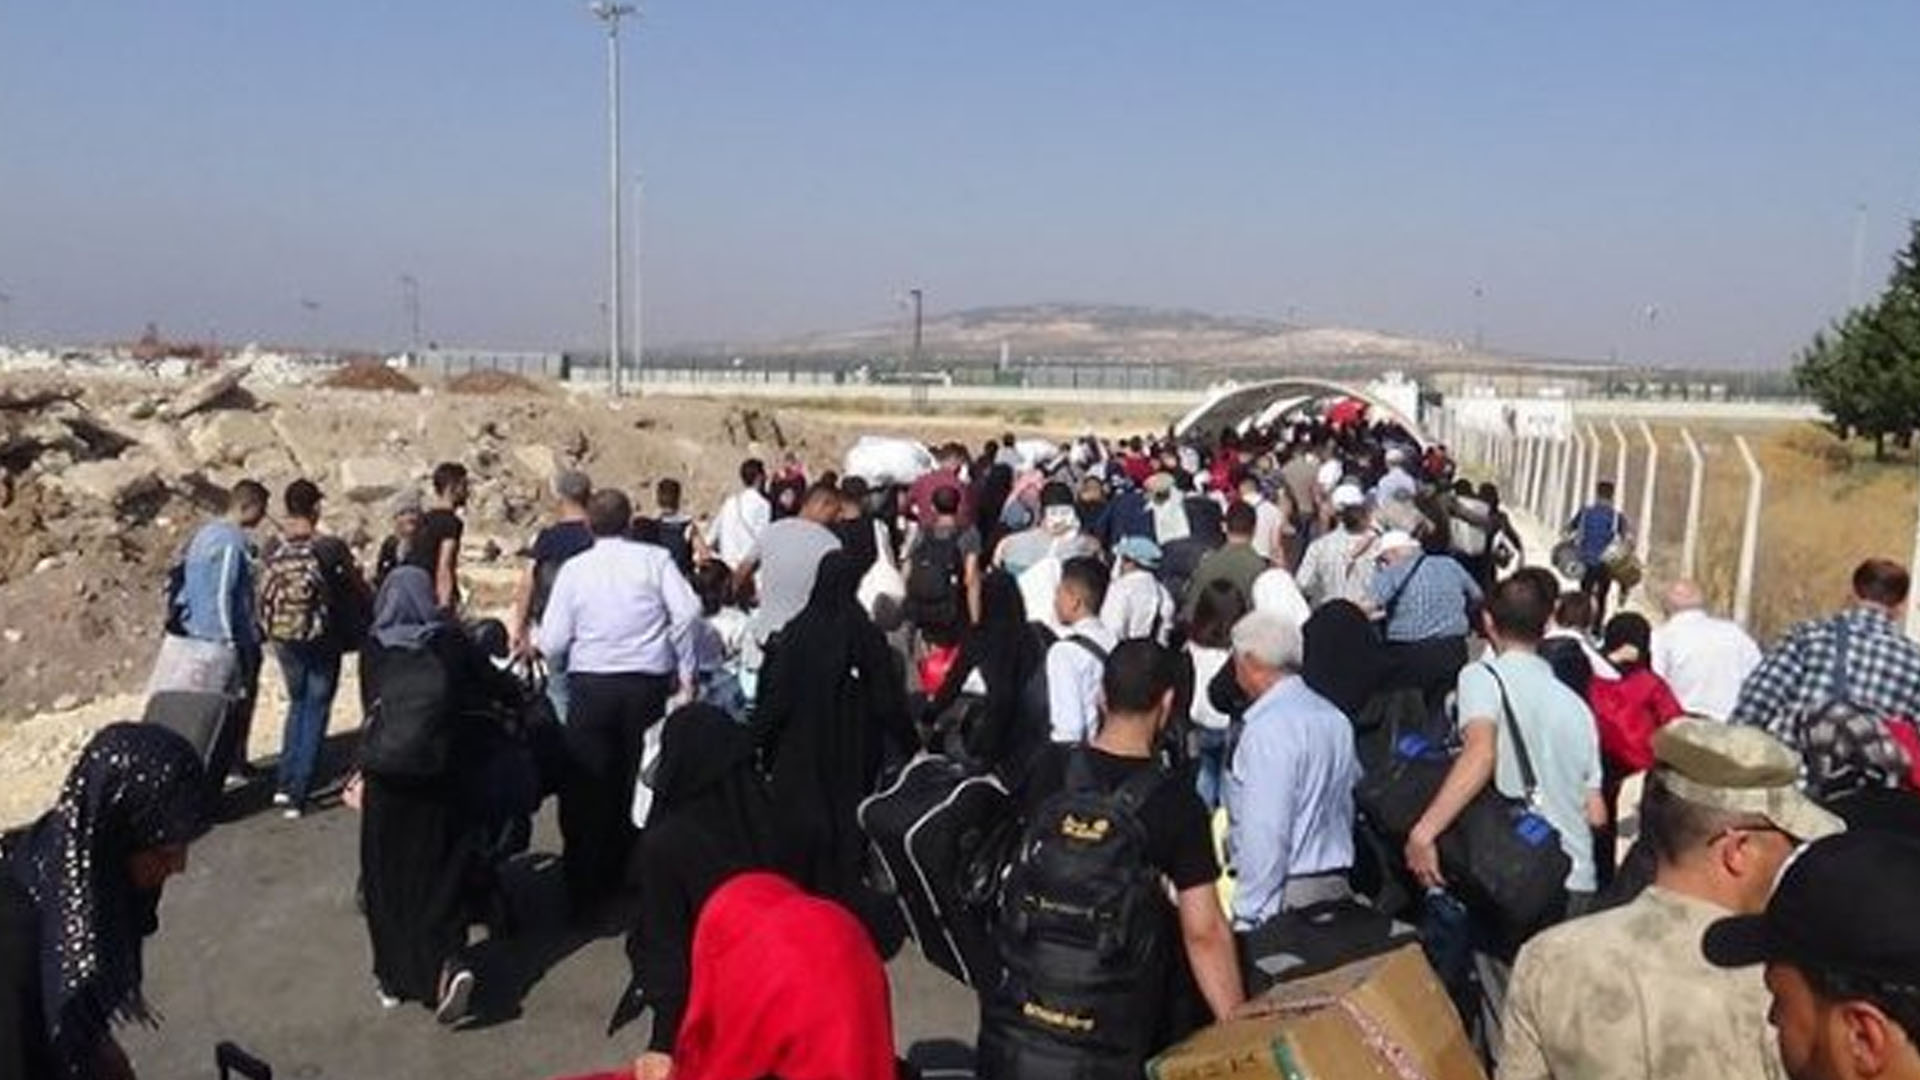 Almanya, tatil için memleketine giden Suriyelileri sınır dışı edecek